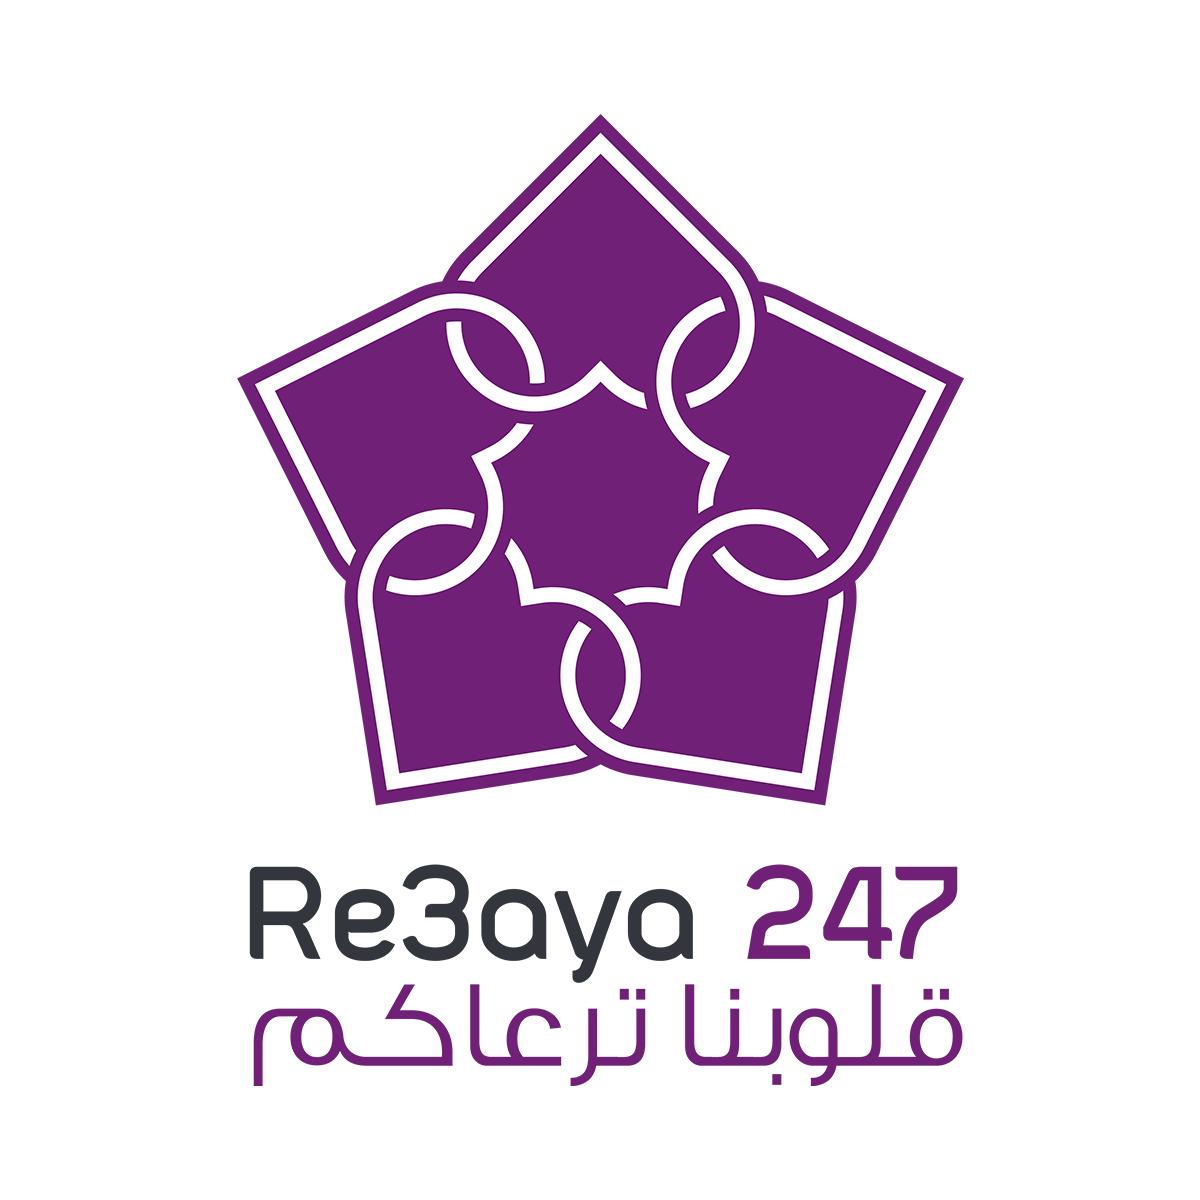 رعاية 24/7 Re3aya